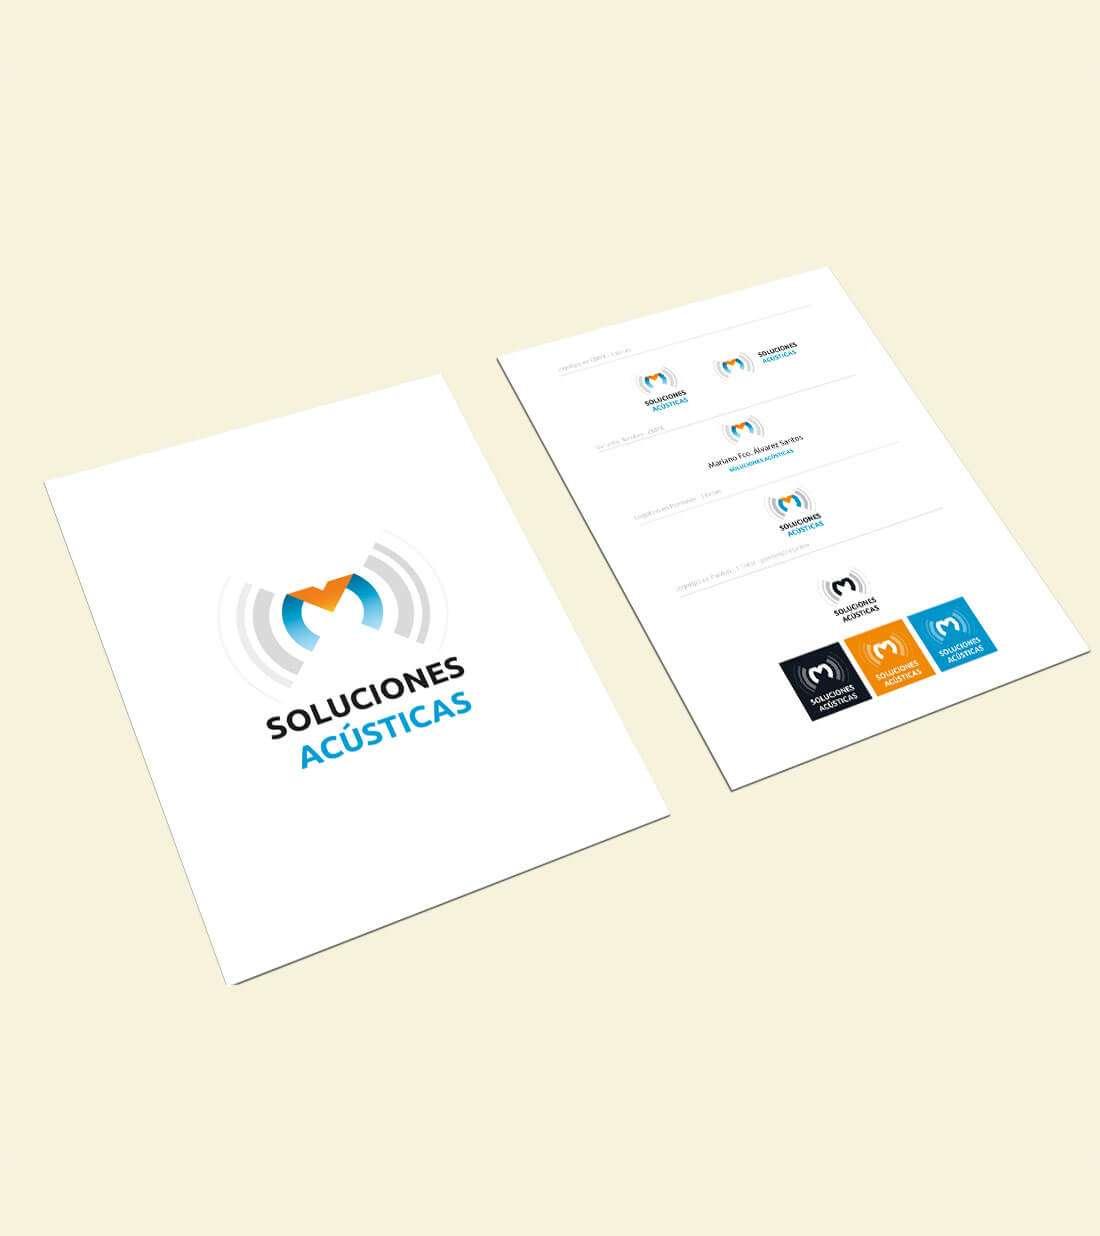 Soluciones Acústicas. Logotipo